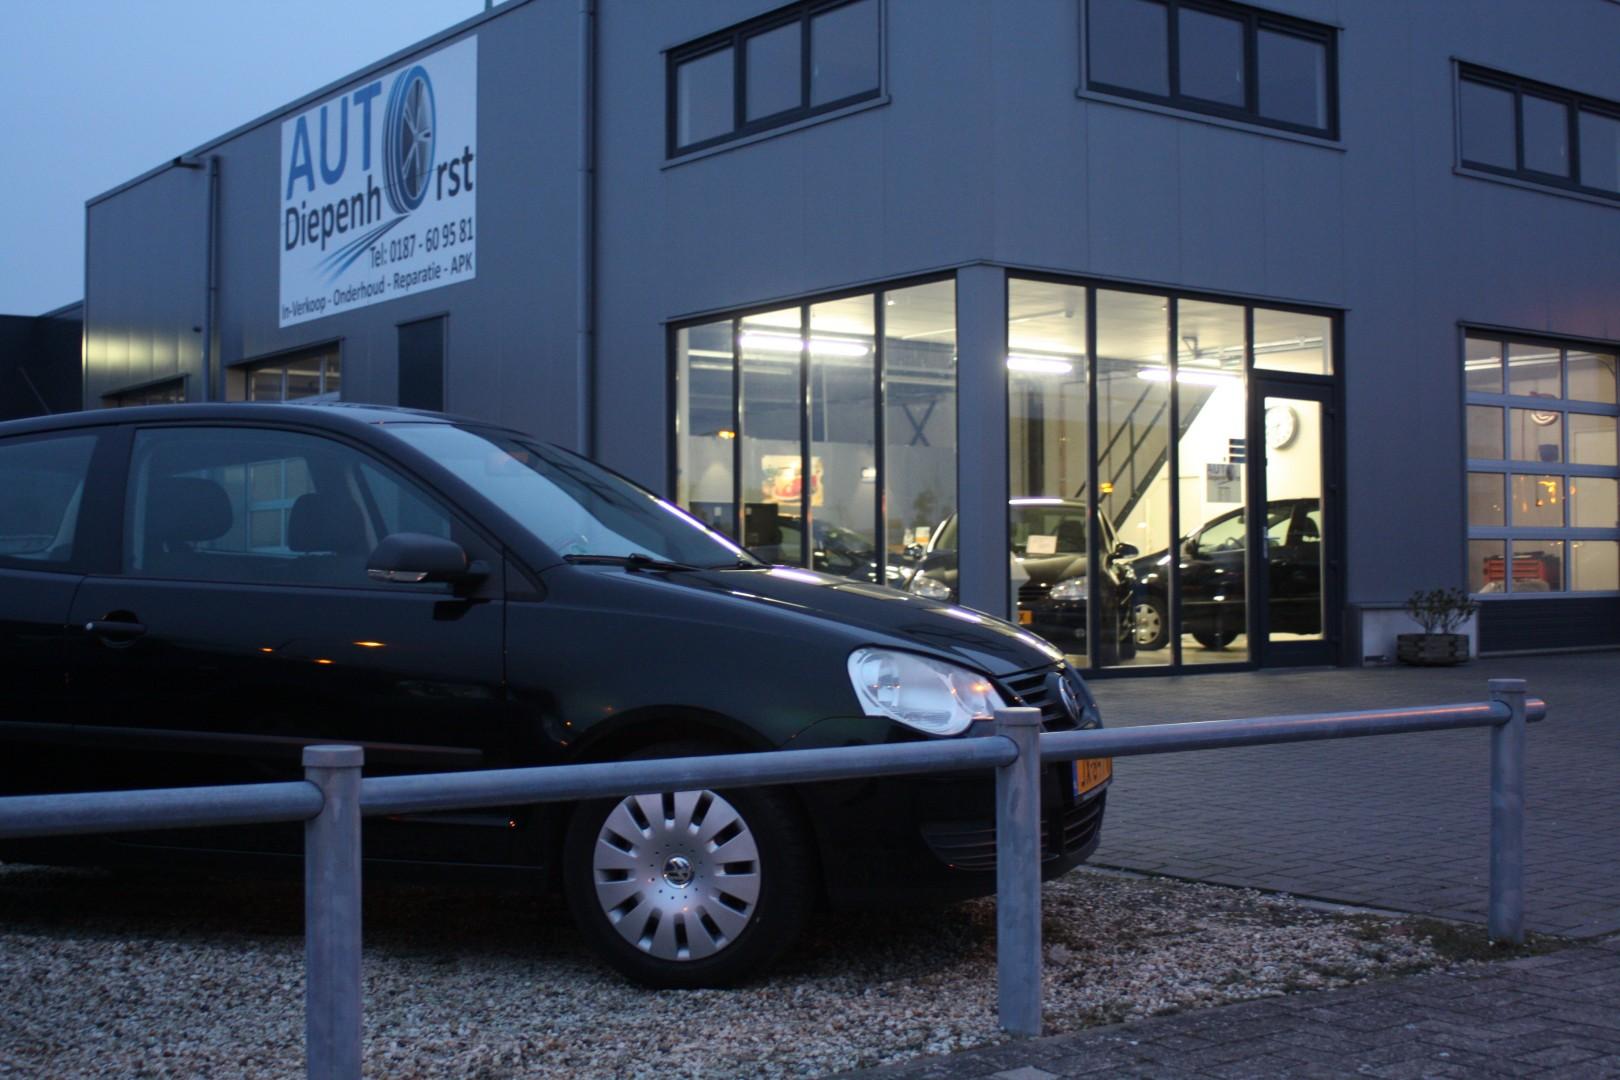 Auto Diepenhorst - Autobedrijf op Goeree-Overflakkee